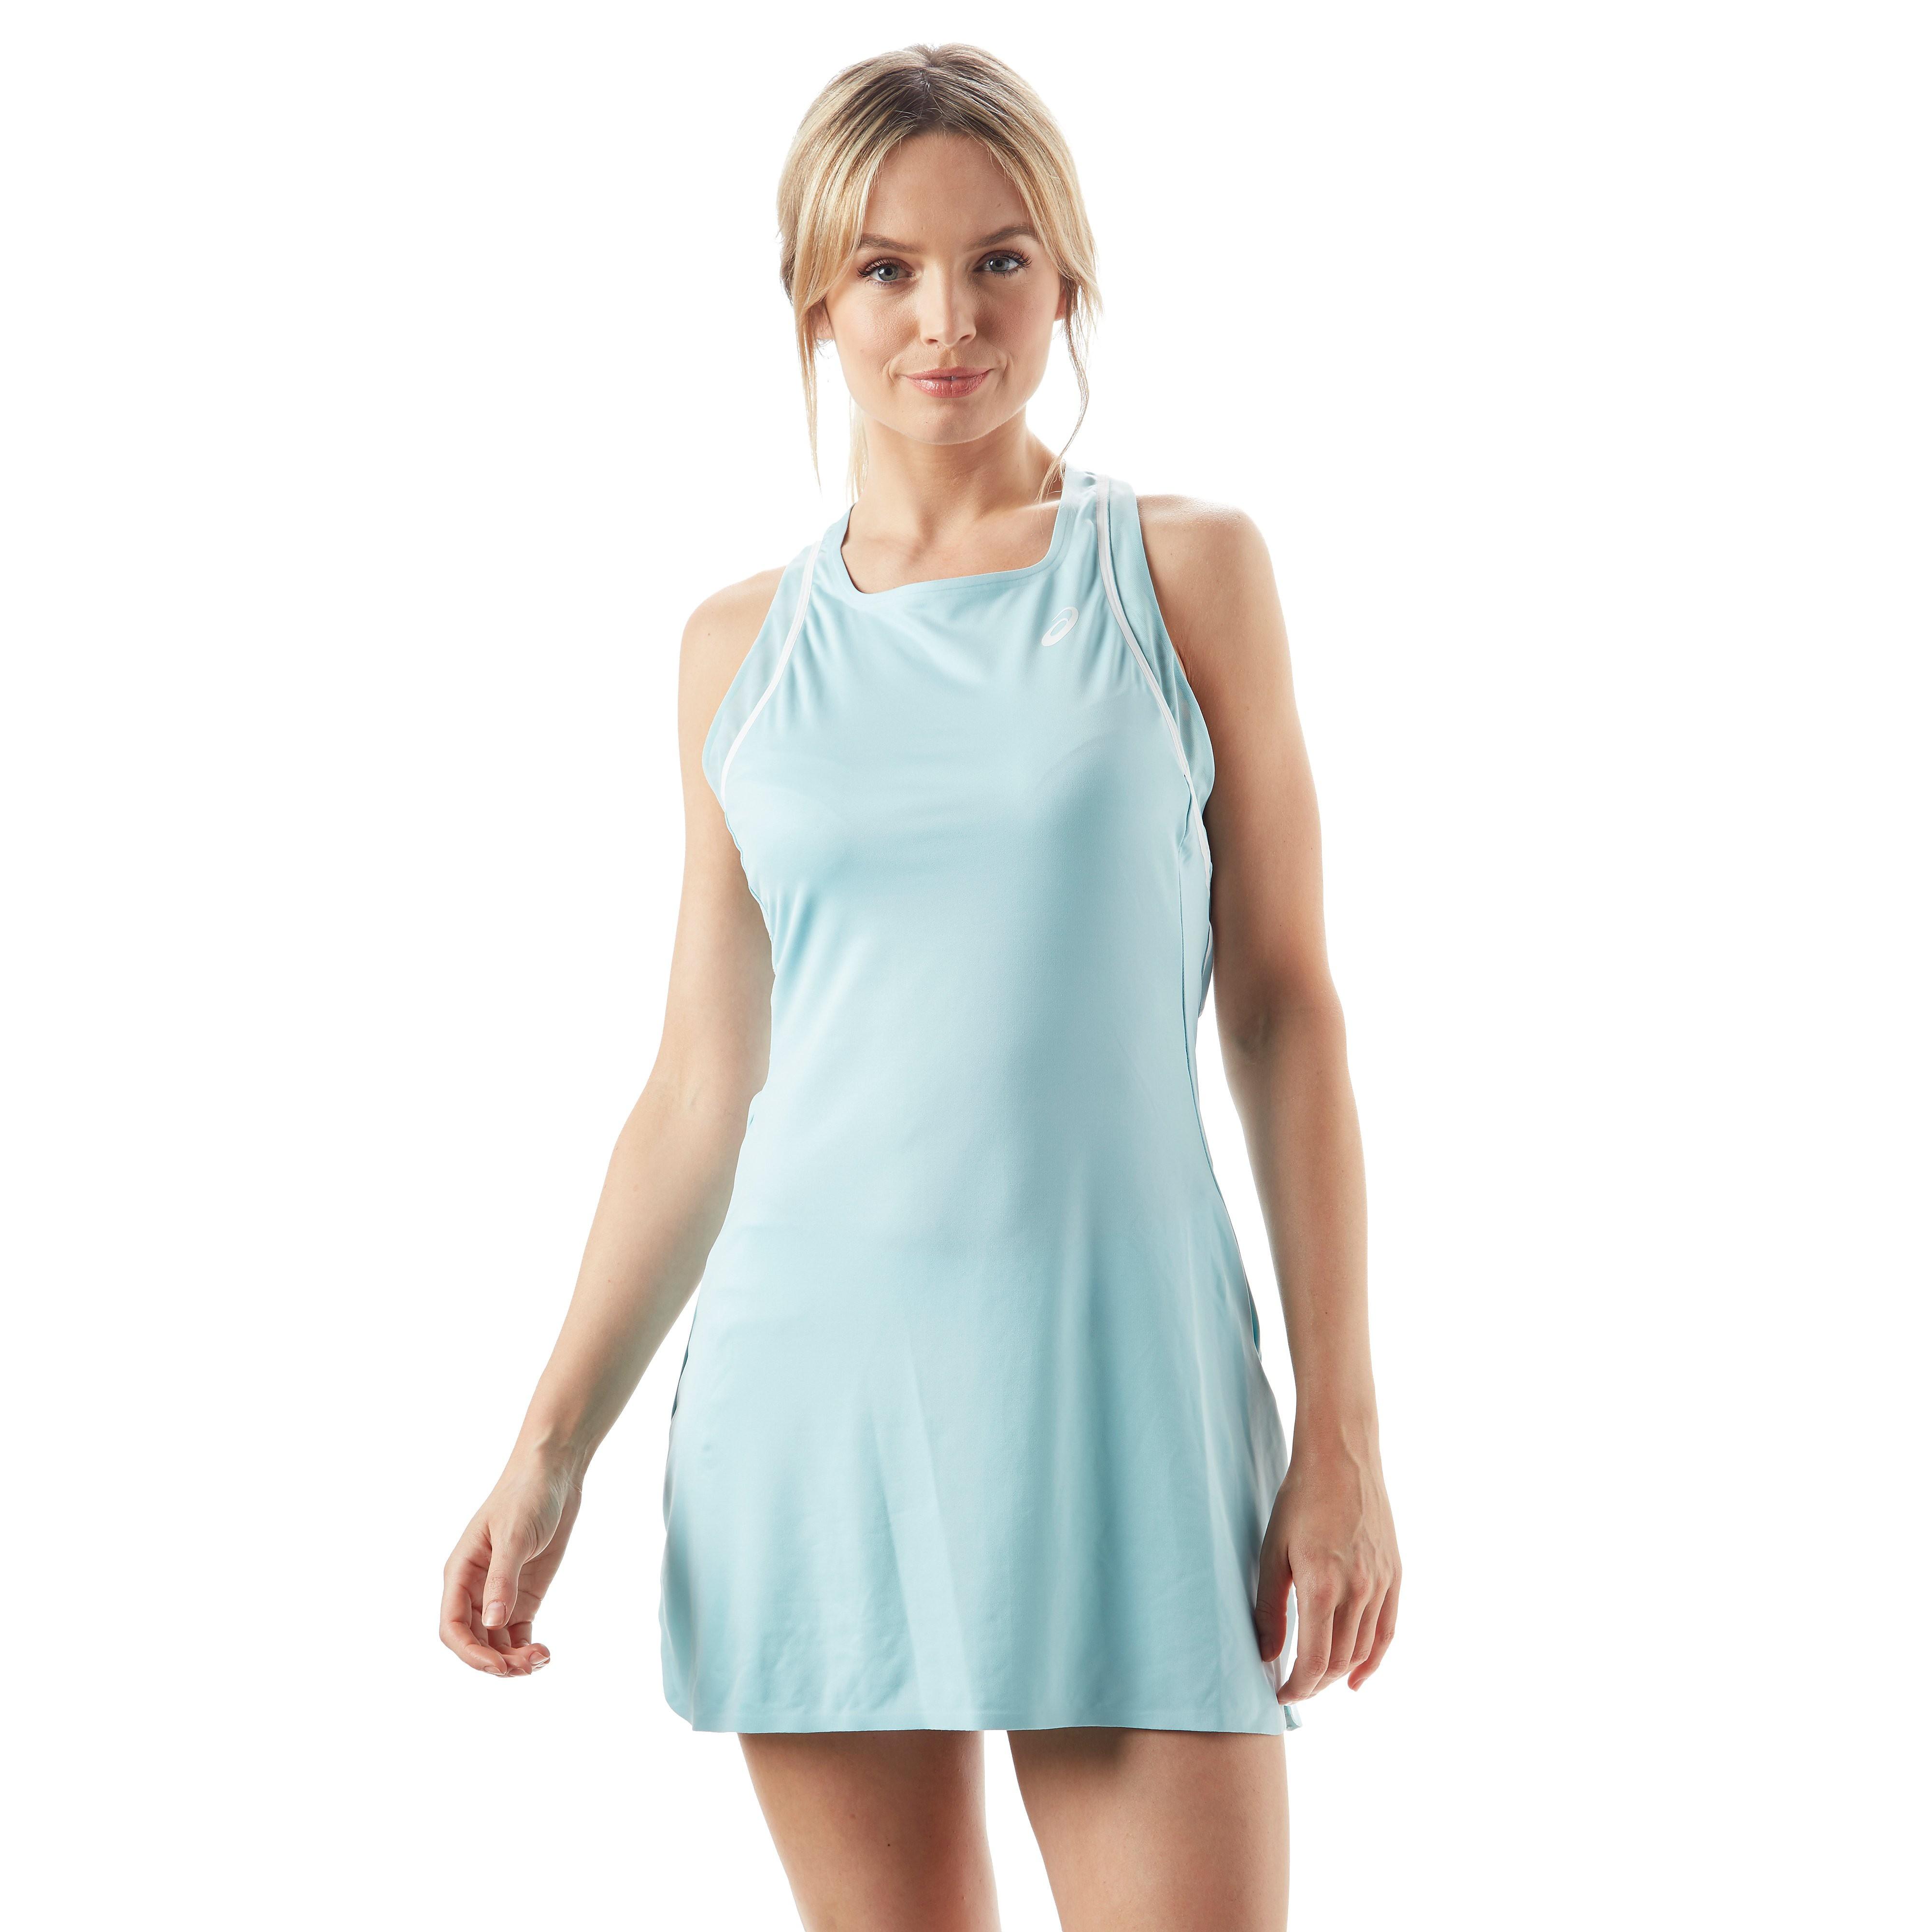 Womens Light Blue ASICS Gel Cool Performance Tennis Dress, Light Blue